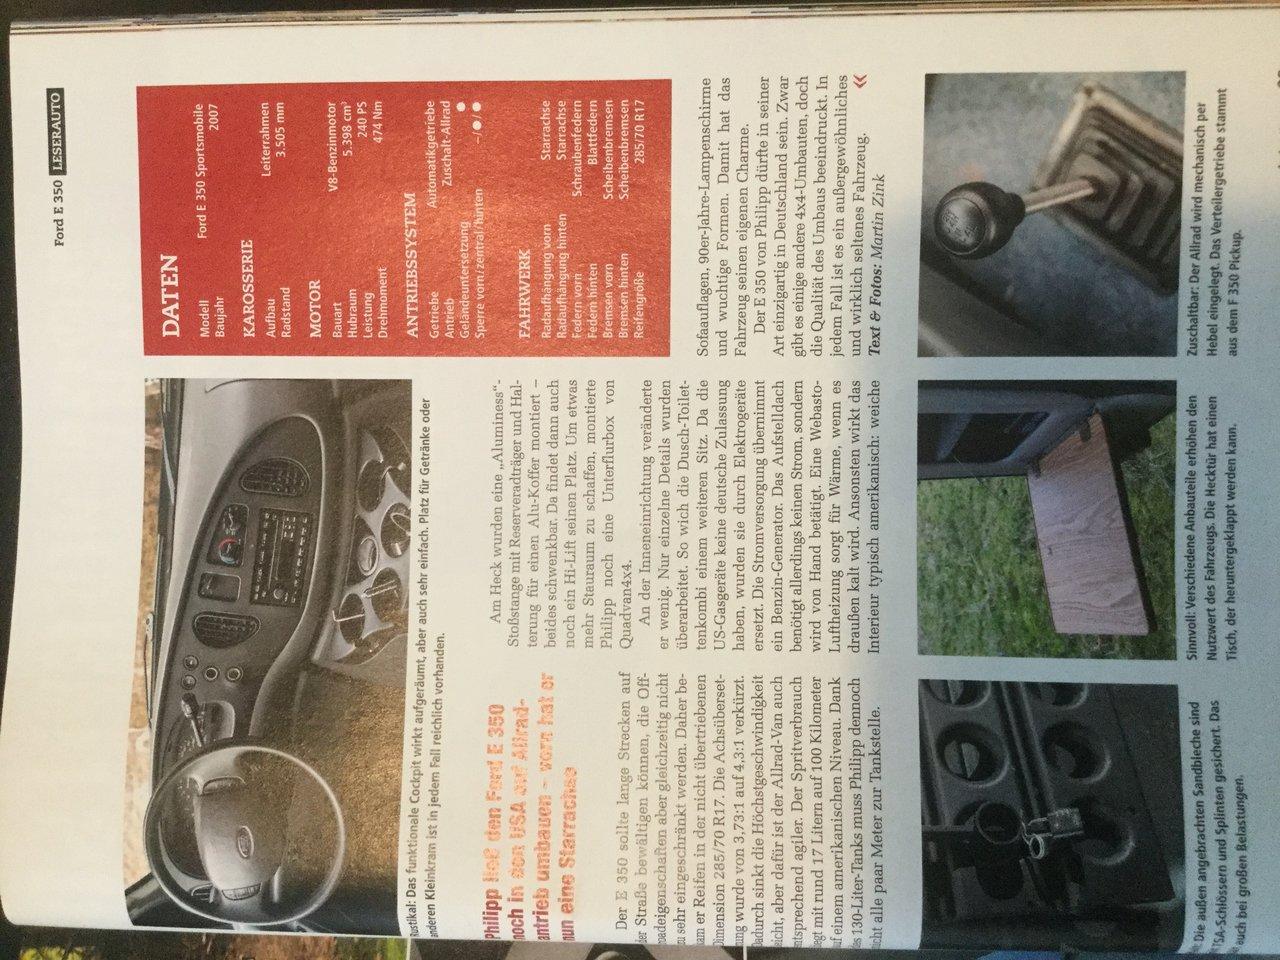 Chetubis Ford Sportsmobile XL - Viermalvier.de, das Geländewagenportal